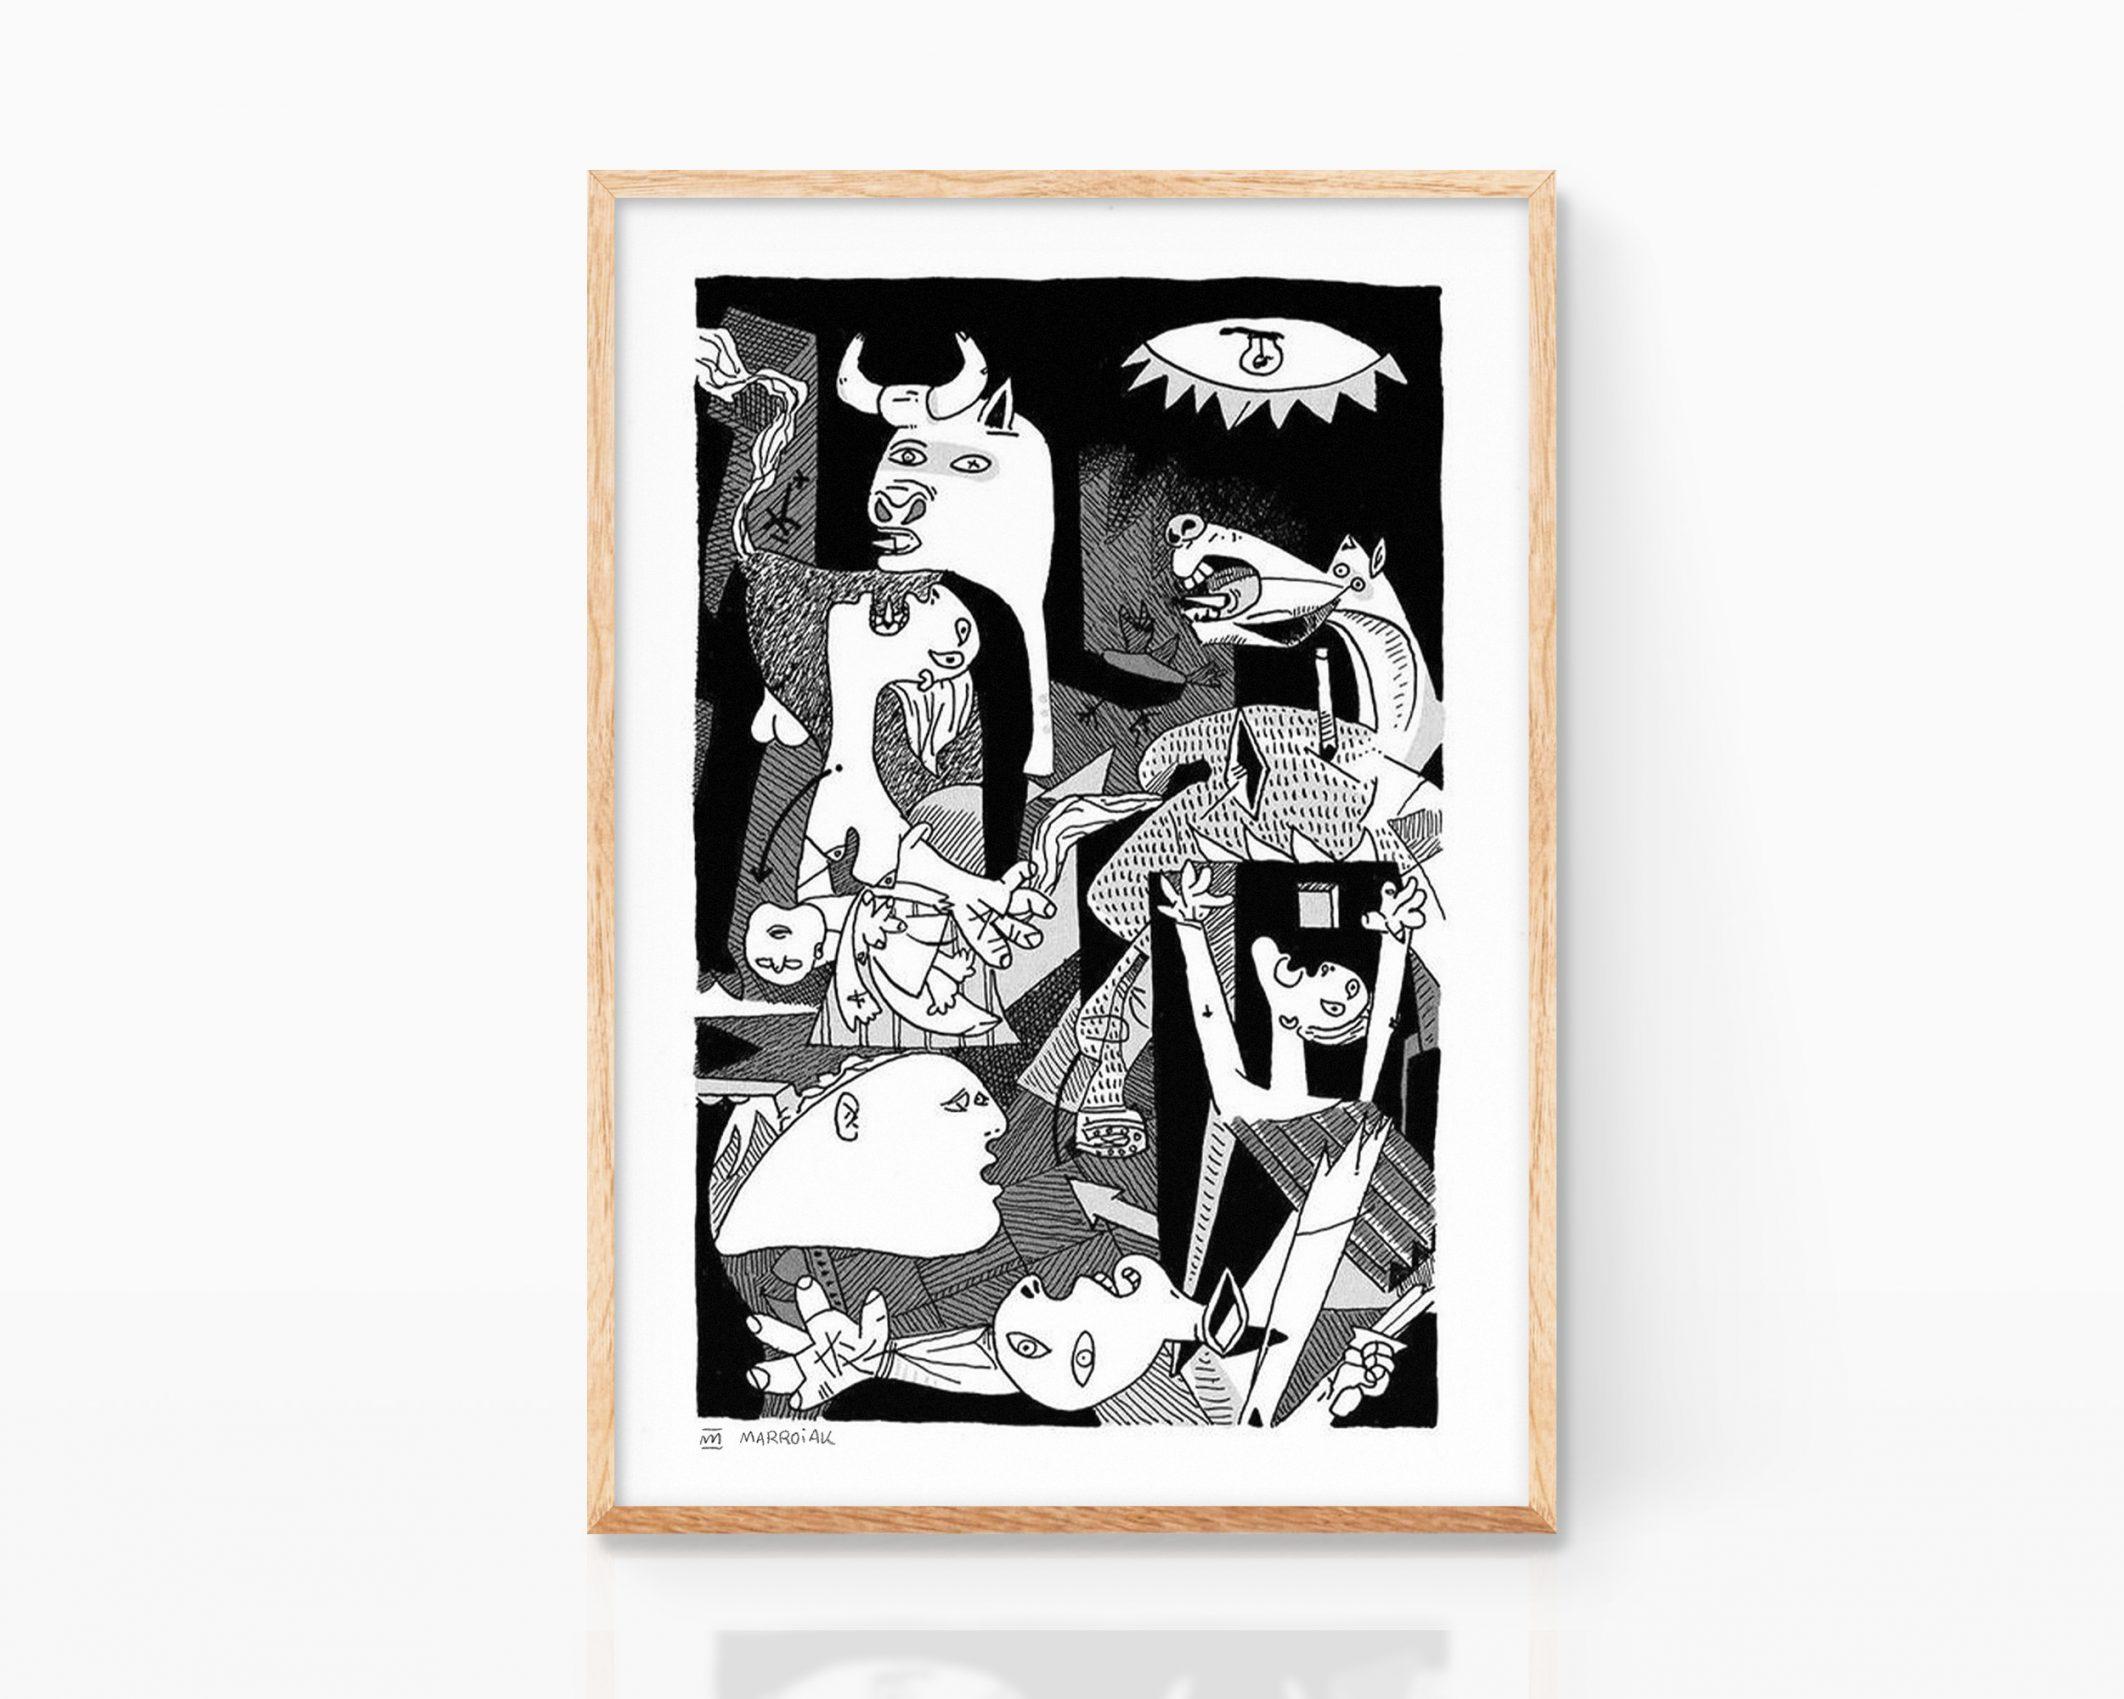 Lámina con una ilustración del Guernica, una de las obras de arte más conocidas de Pablo Picasso. Poster cubismo